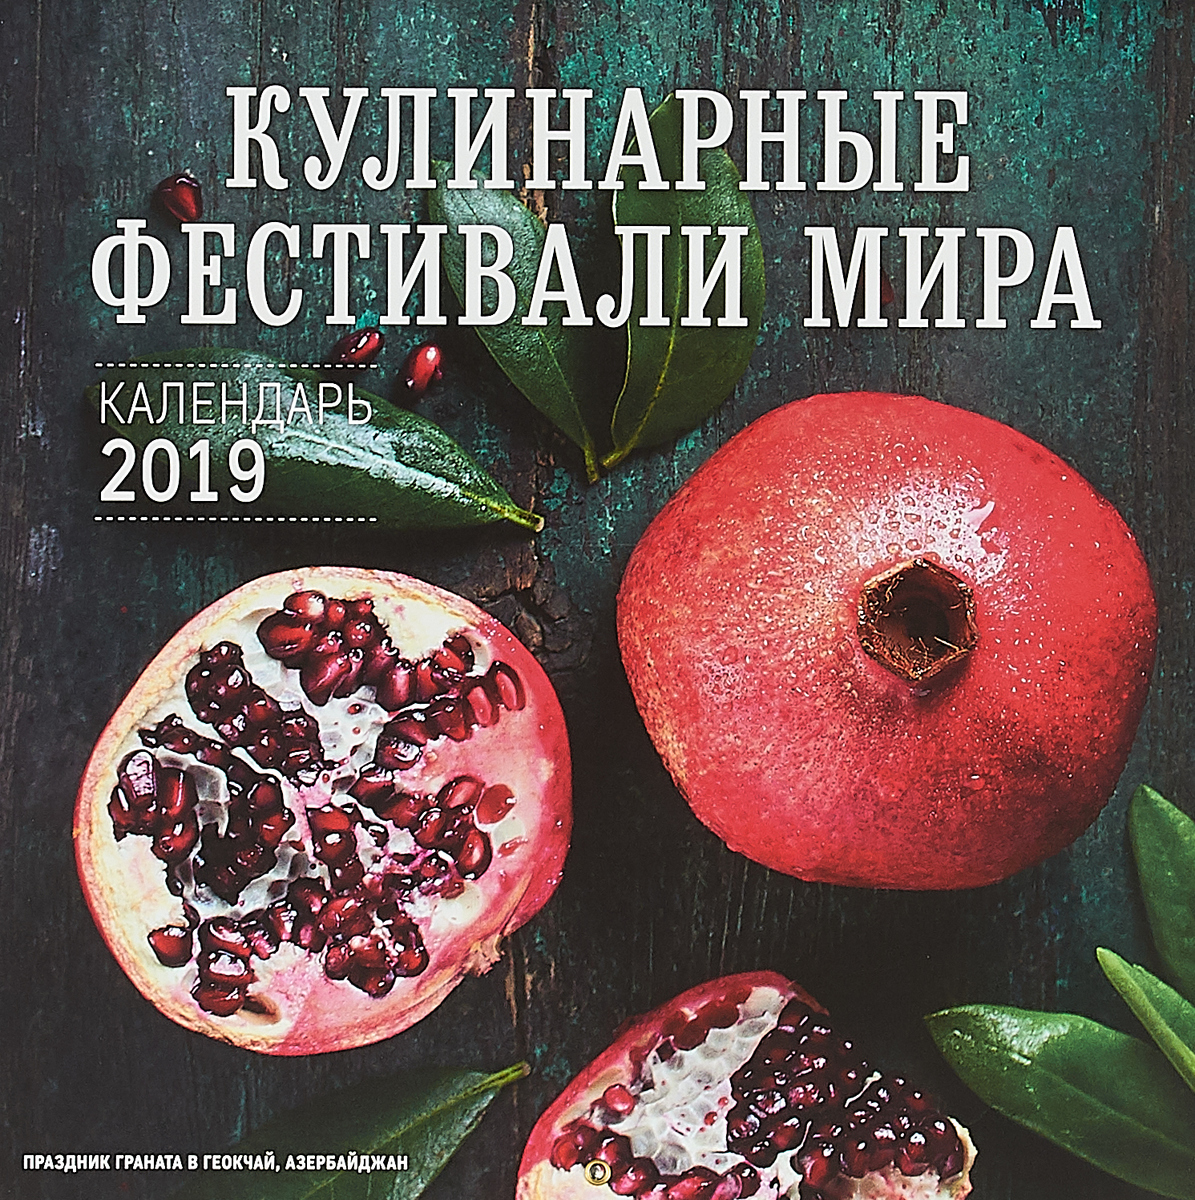 Календарь 2019. Кулинарные фестивали мира цена